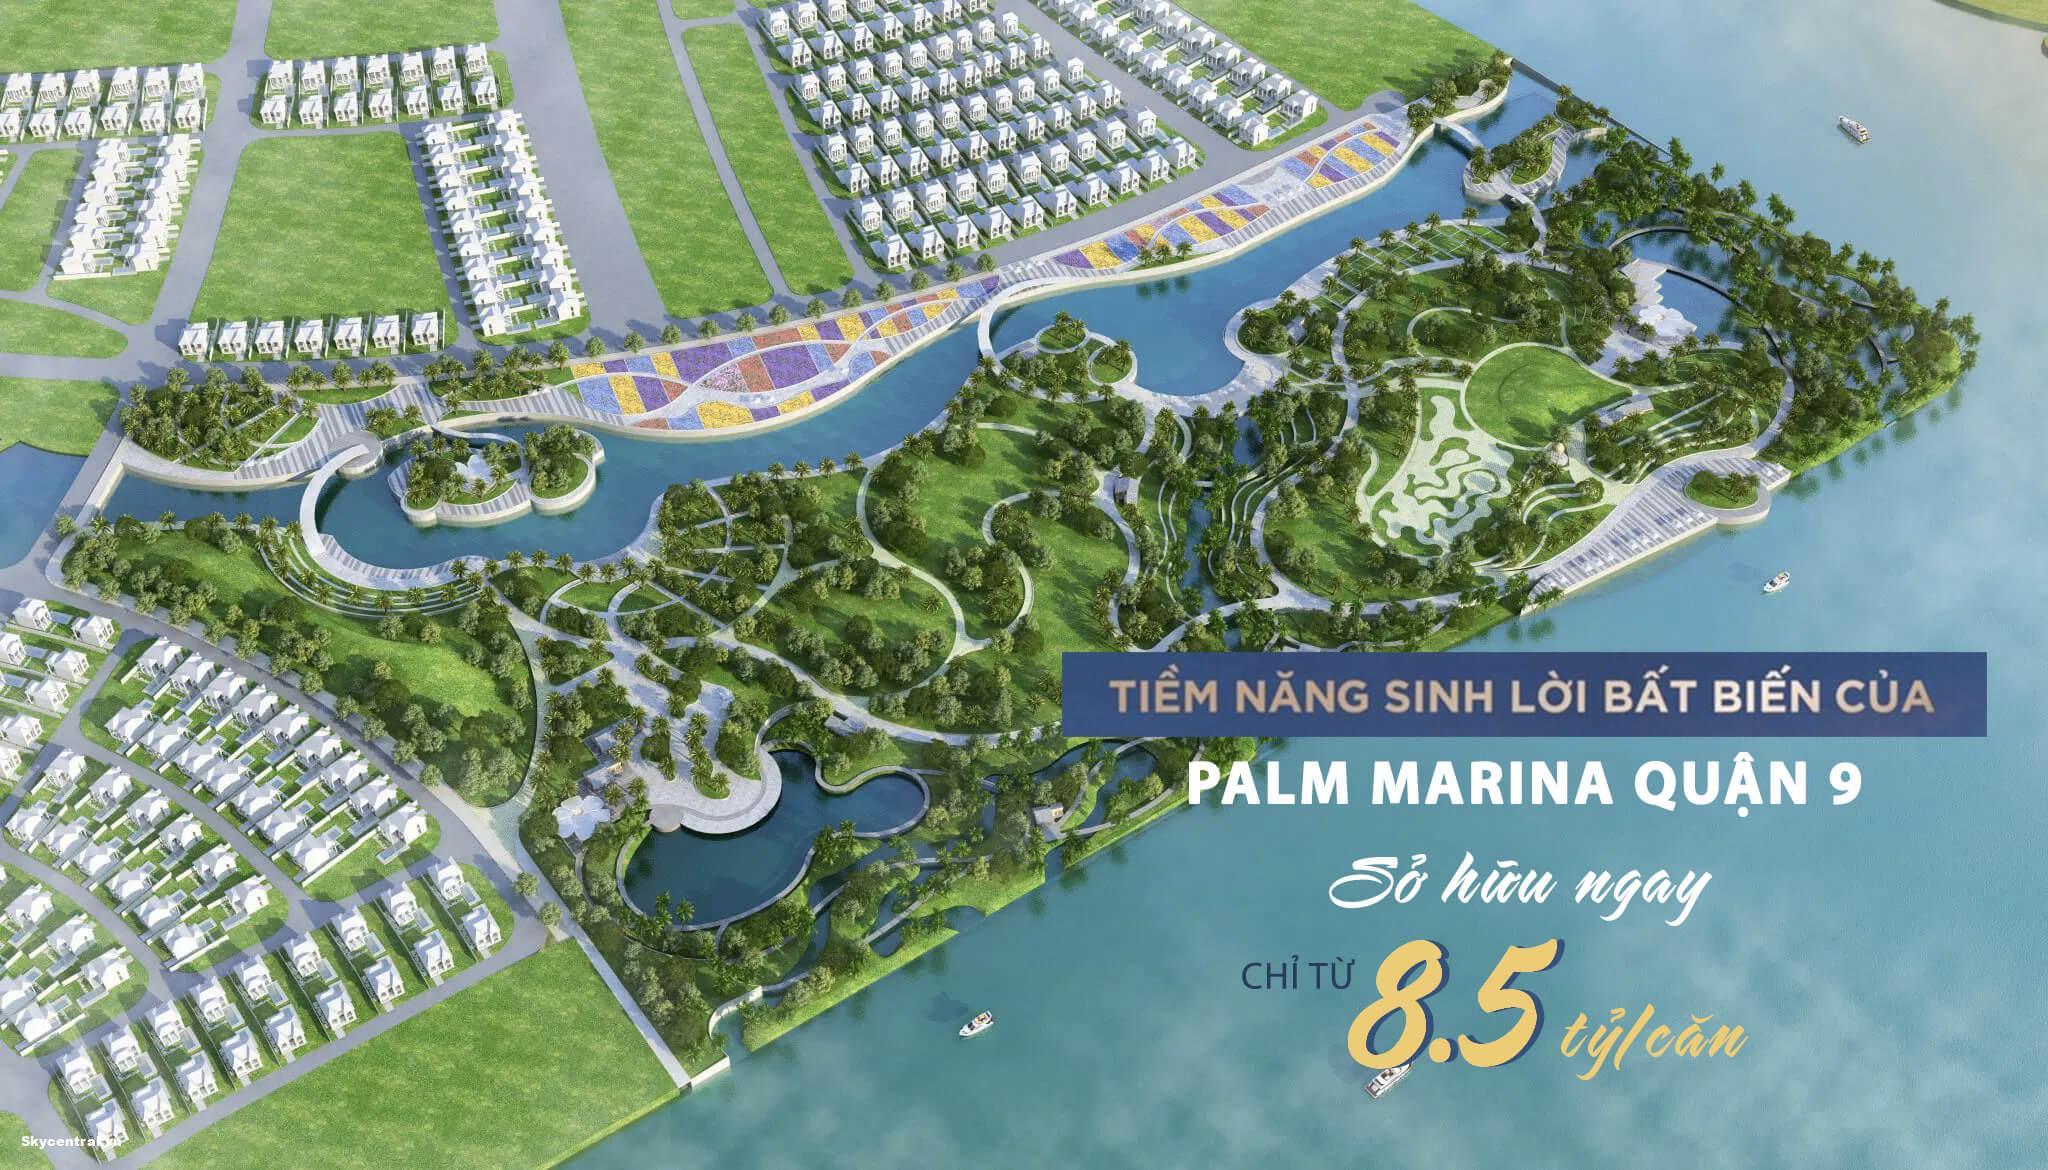 giá căn hộ palm marina quận 9